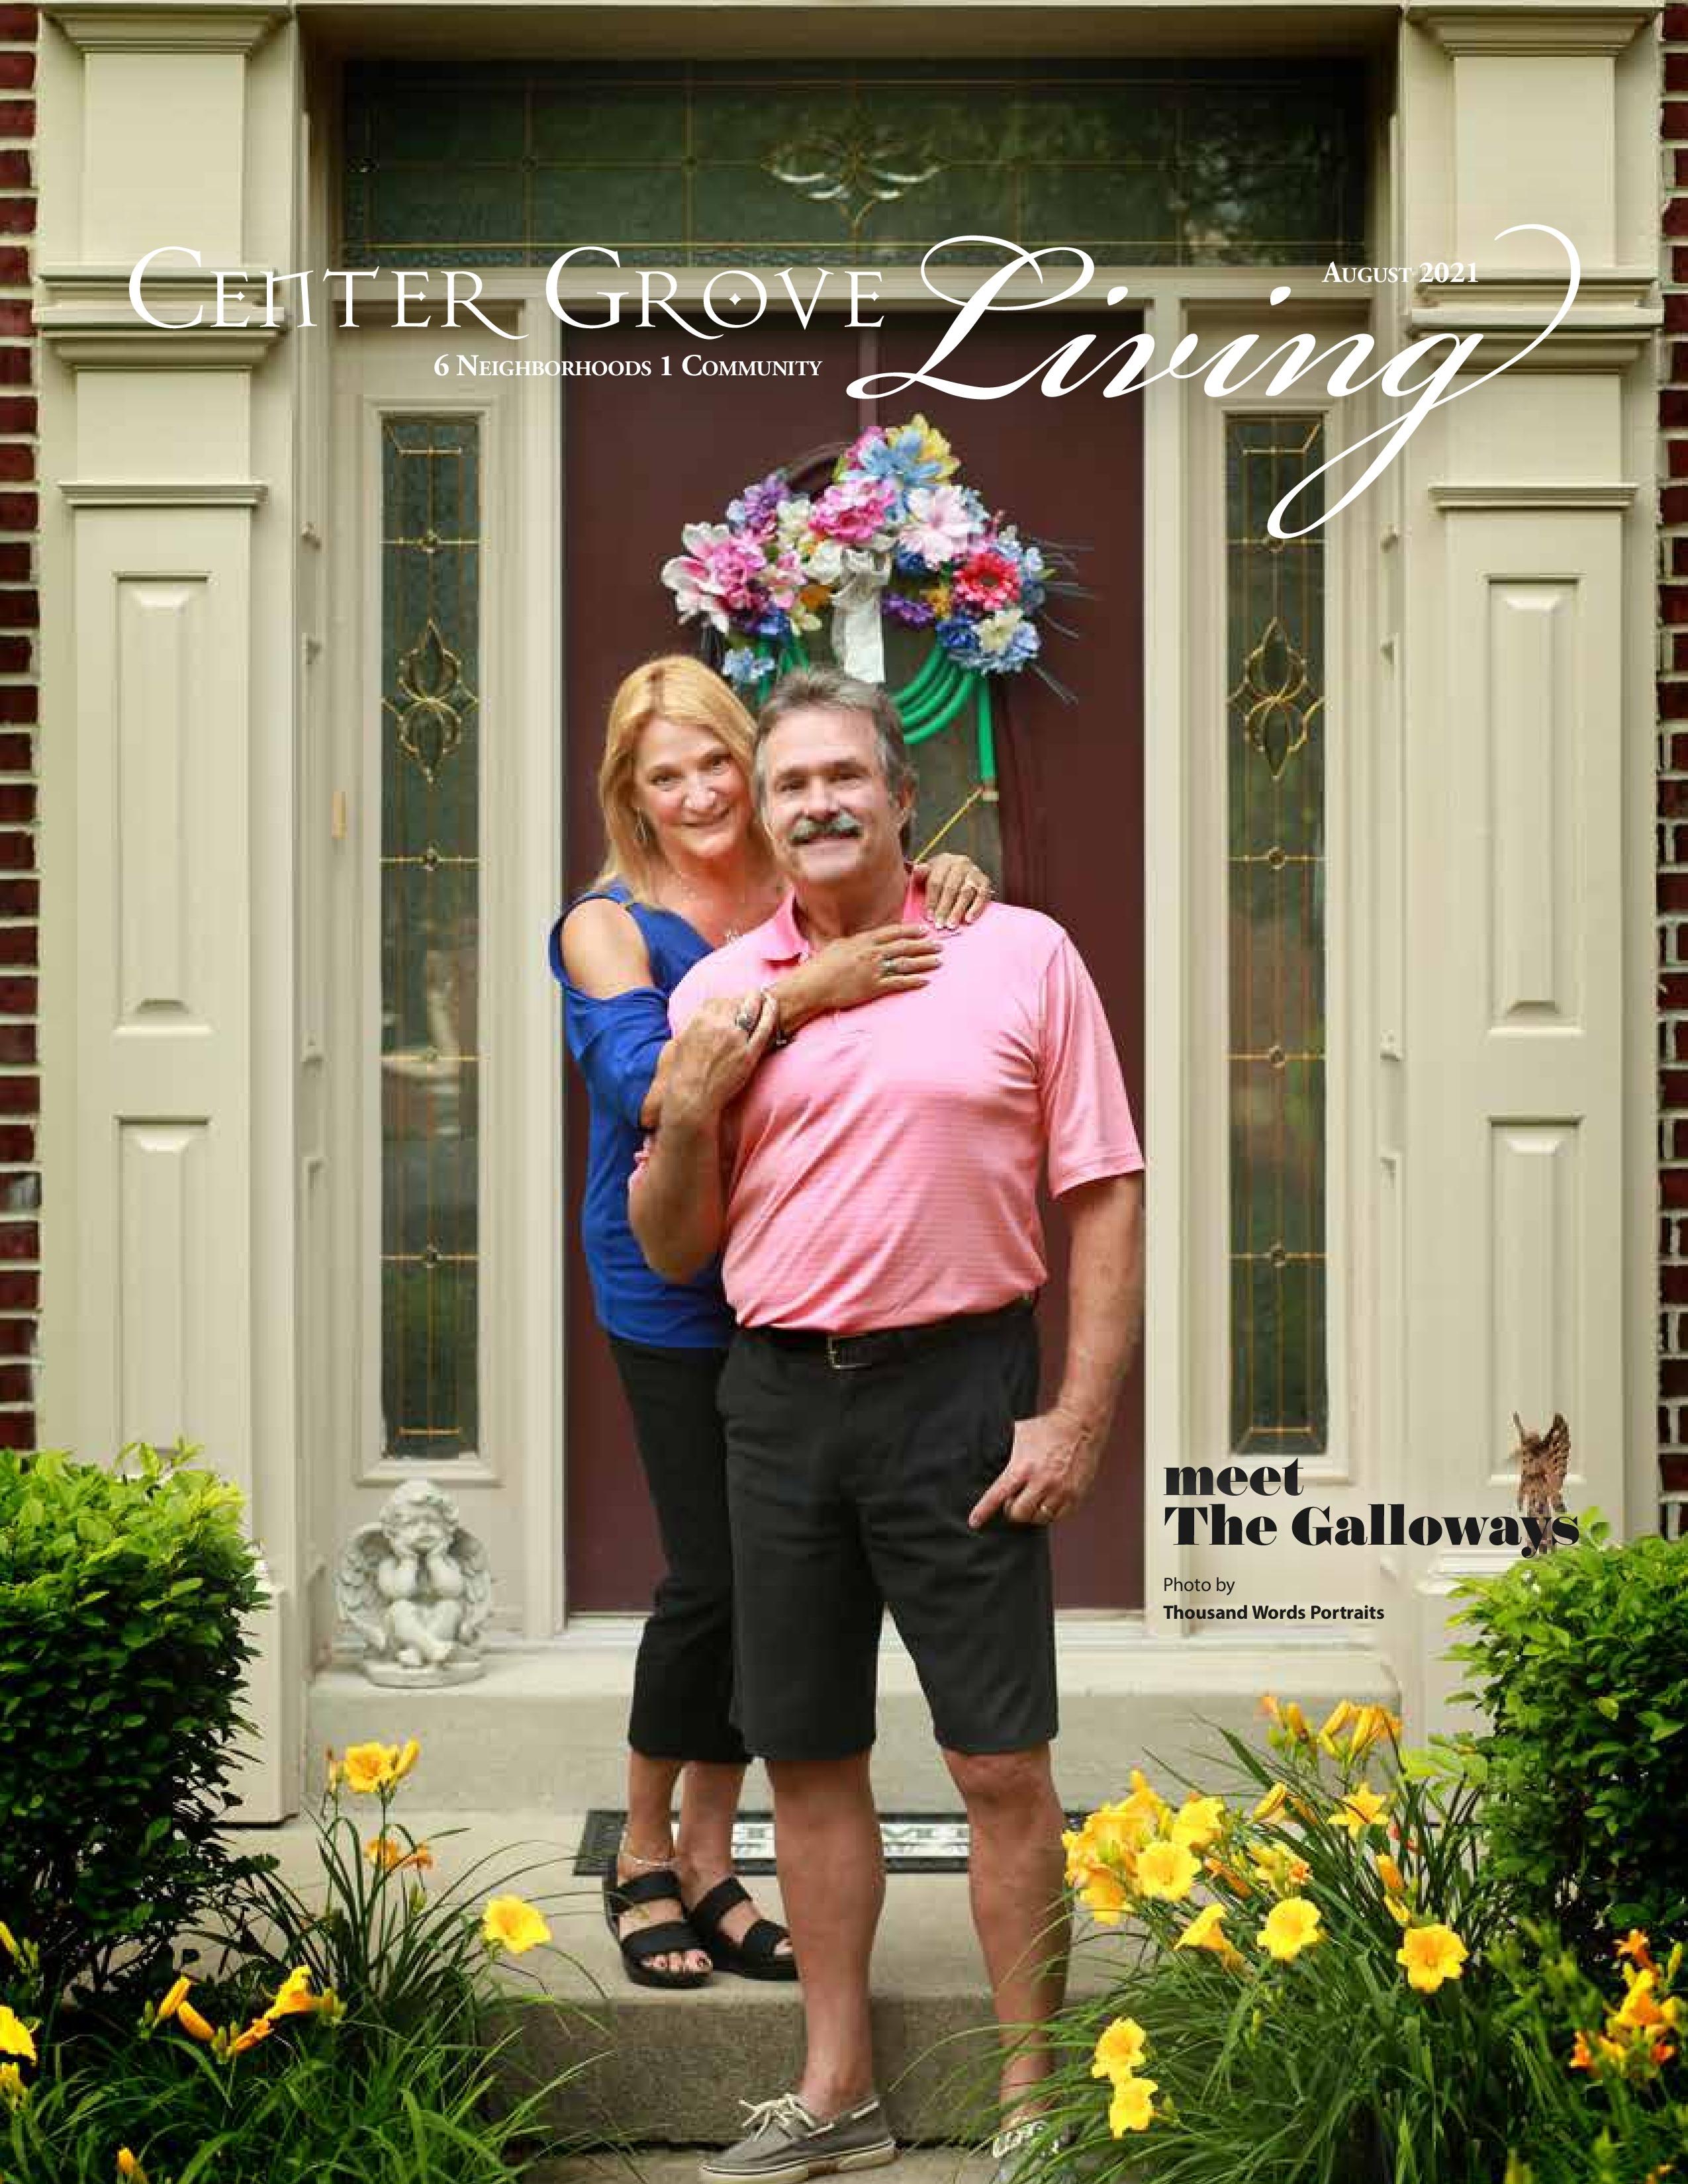 Center Grove Living 2021-08-01